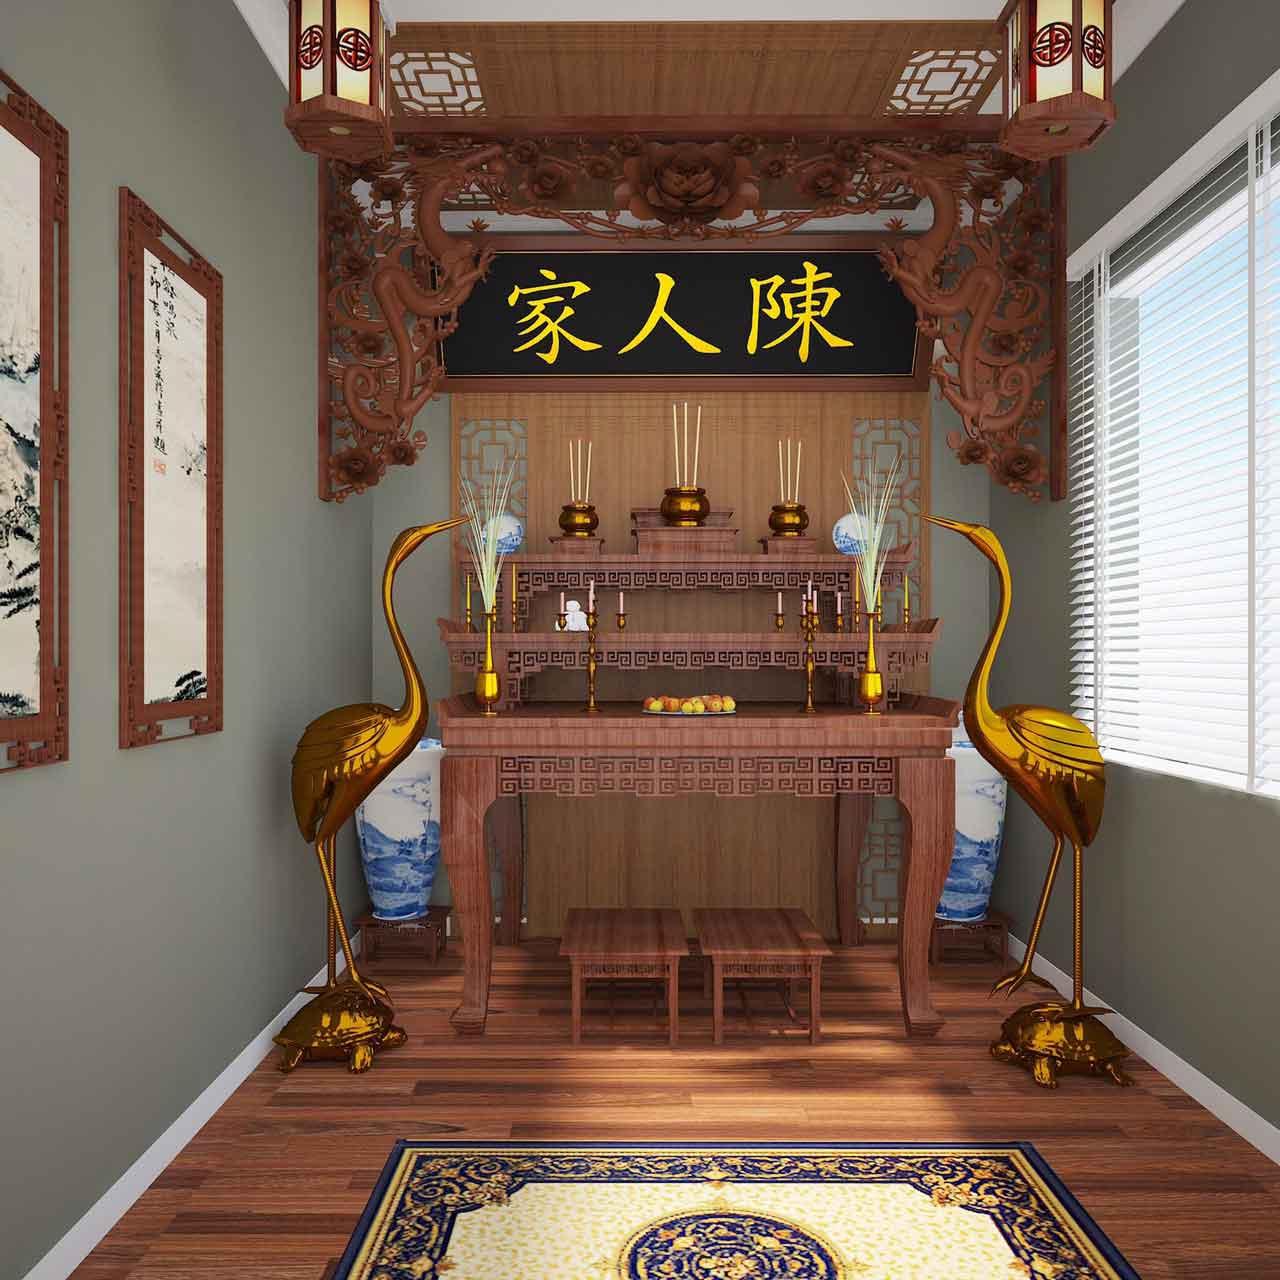 Thiết kế nội thất căn hộ 1 phòng ngủ 5